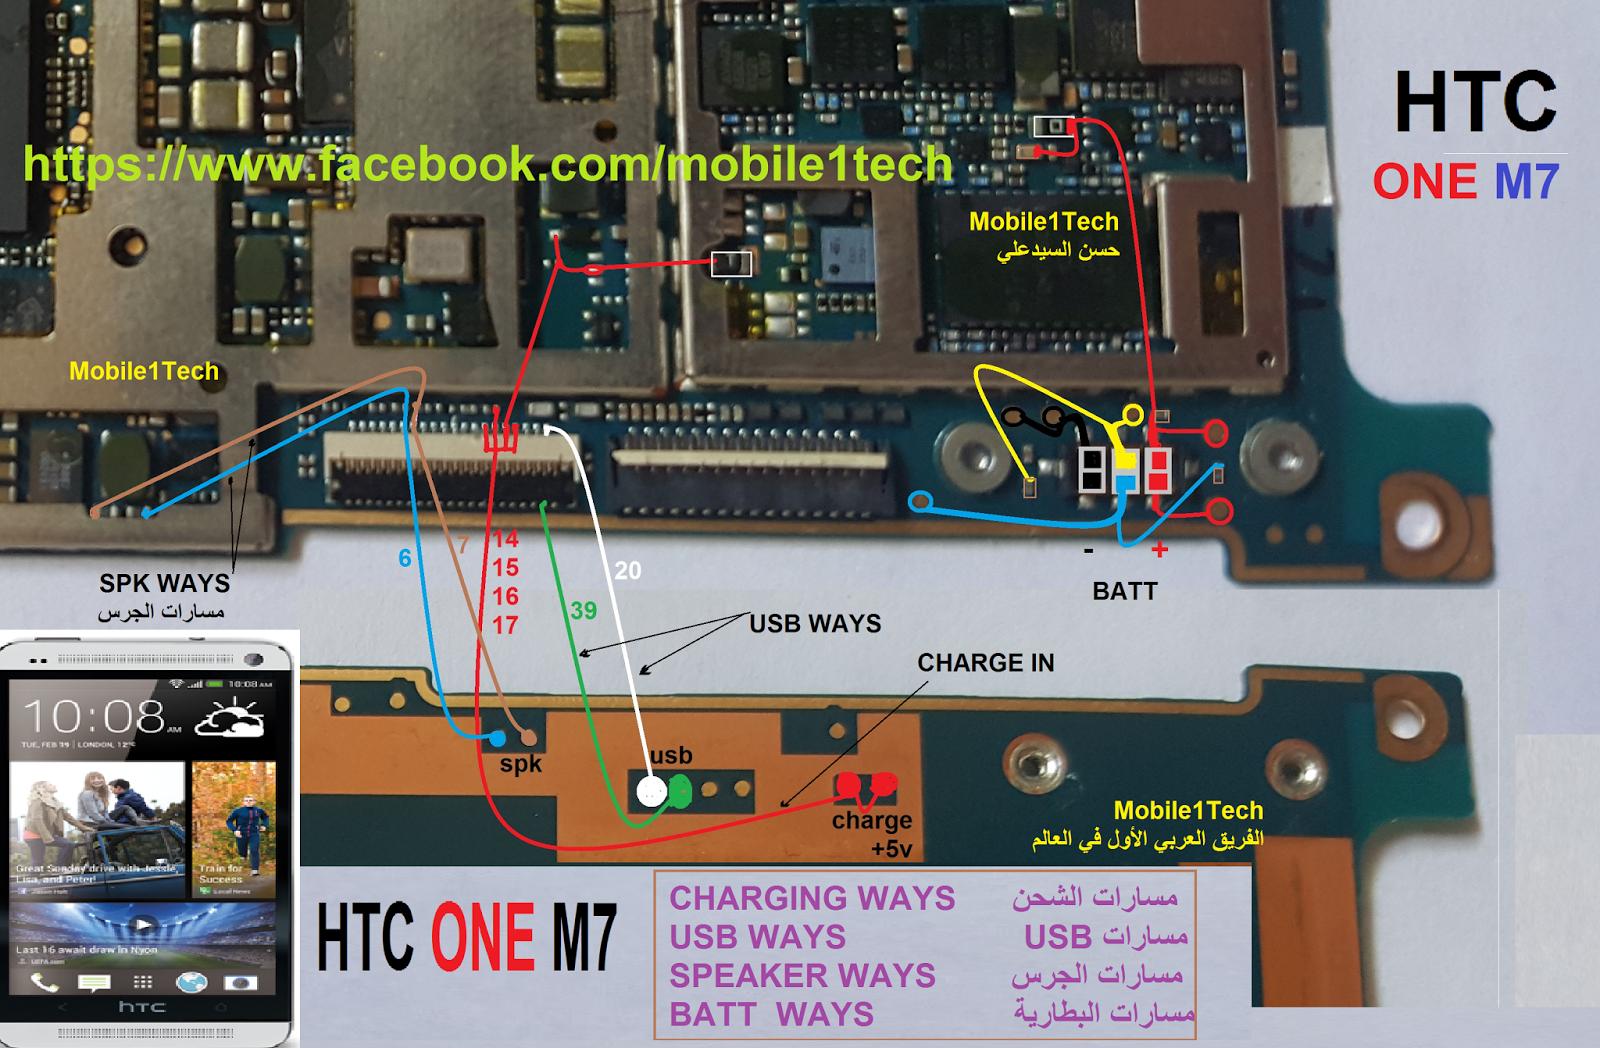 HTC ONE M7 CHARGING WAYS HTC ONE M7 USB WAYS HTC ONE M7 BATTERY WAYS HTC ONE  M7 SPEAKER WAYS